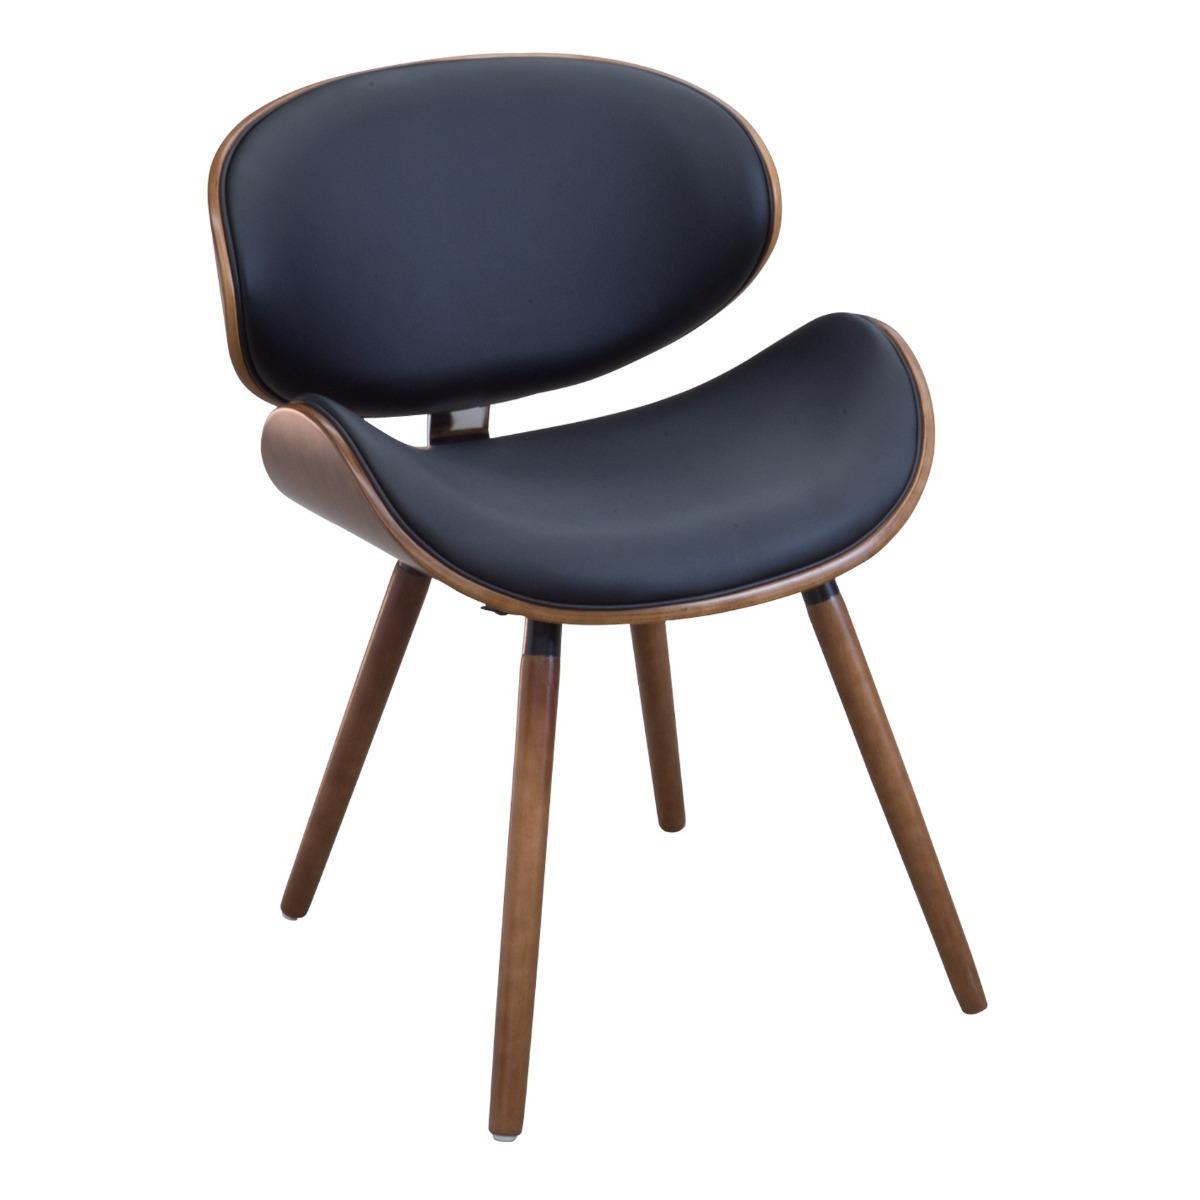 Silla para comedor modernas sillas contempor neas comedor for Sillas modernas precios